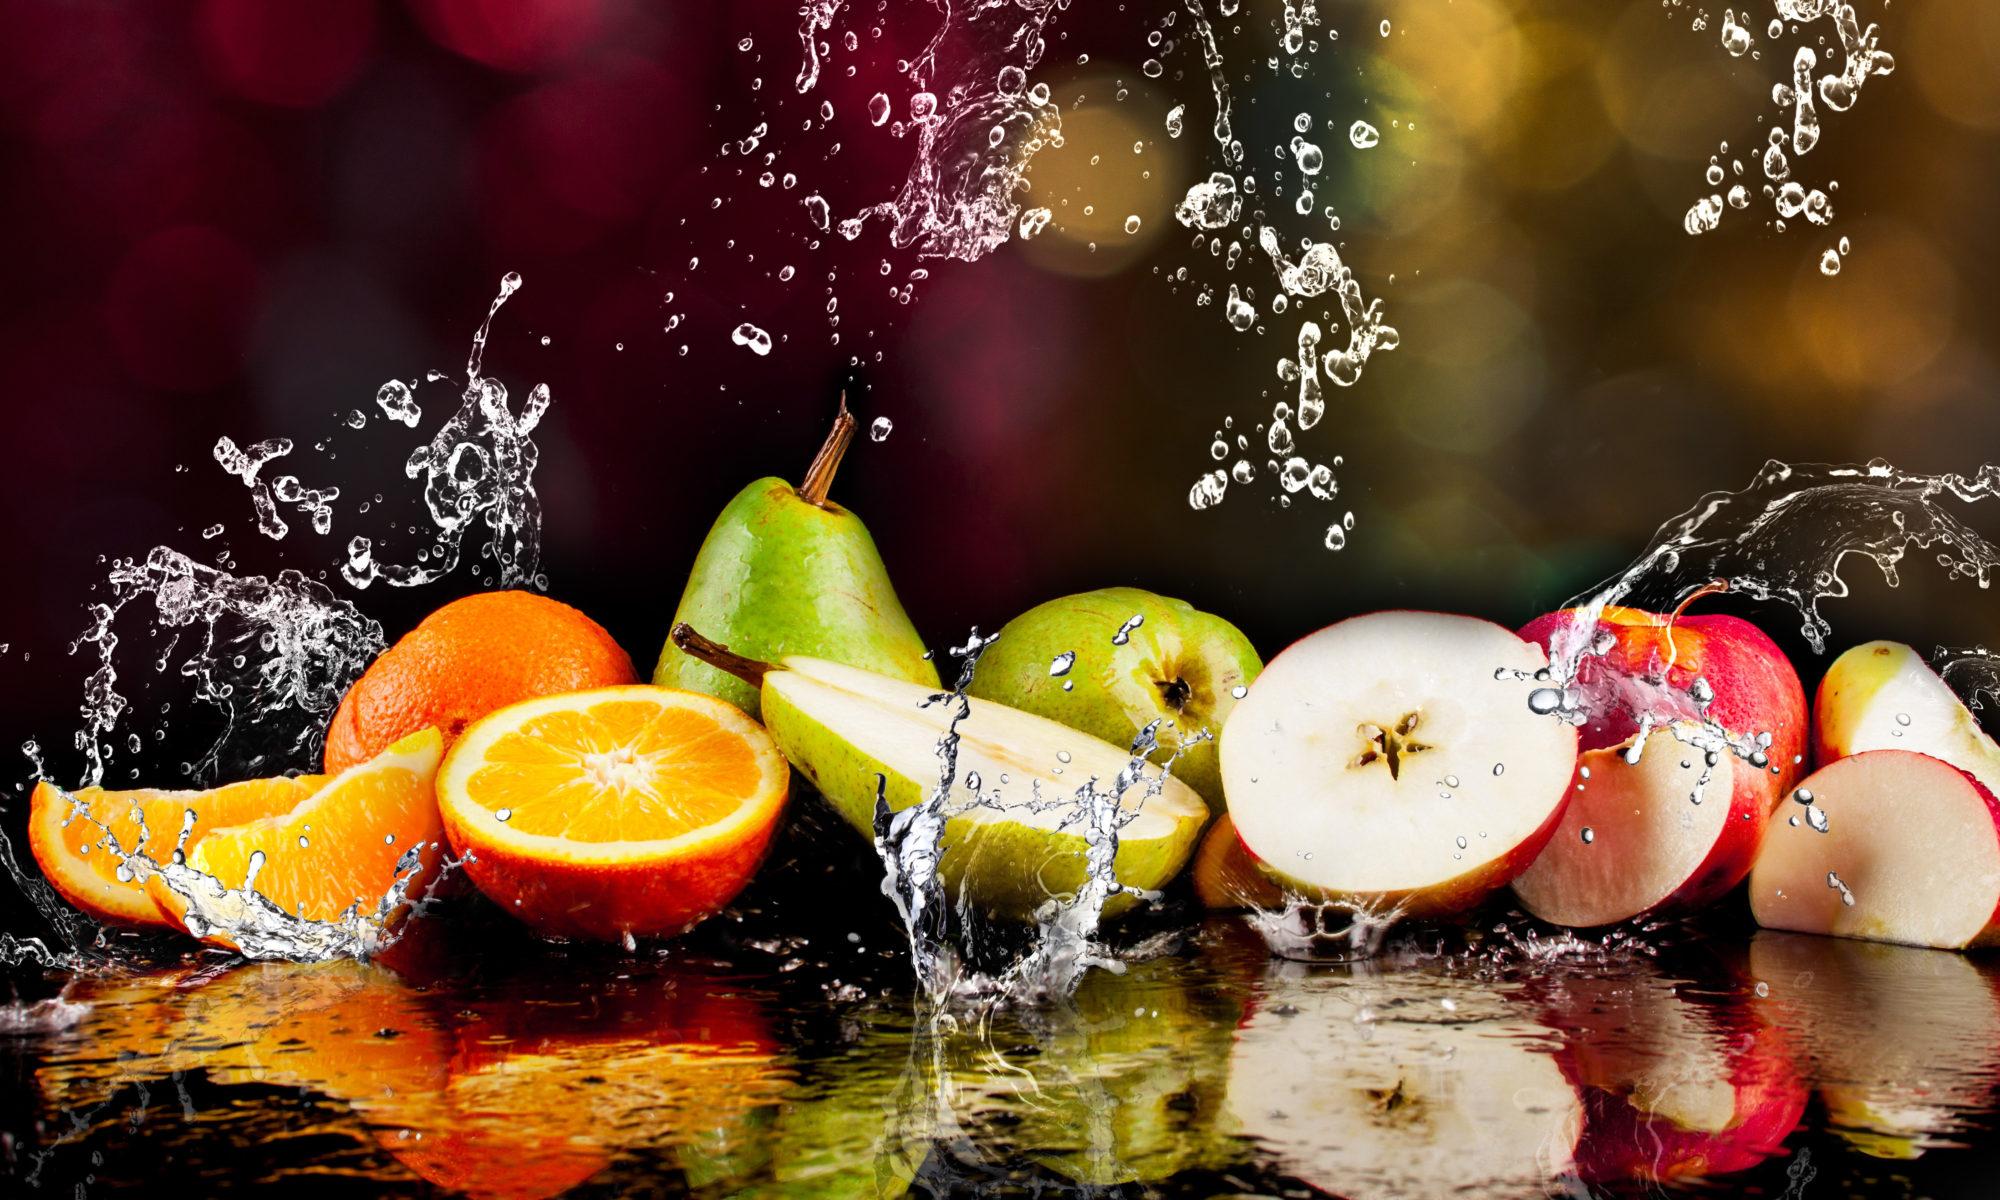 kawałki owoców w wodzie